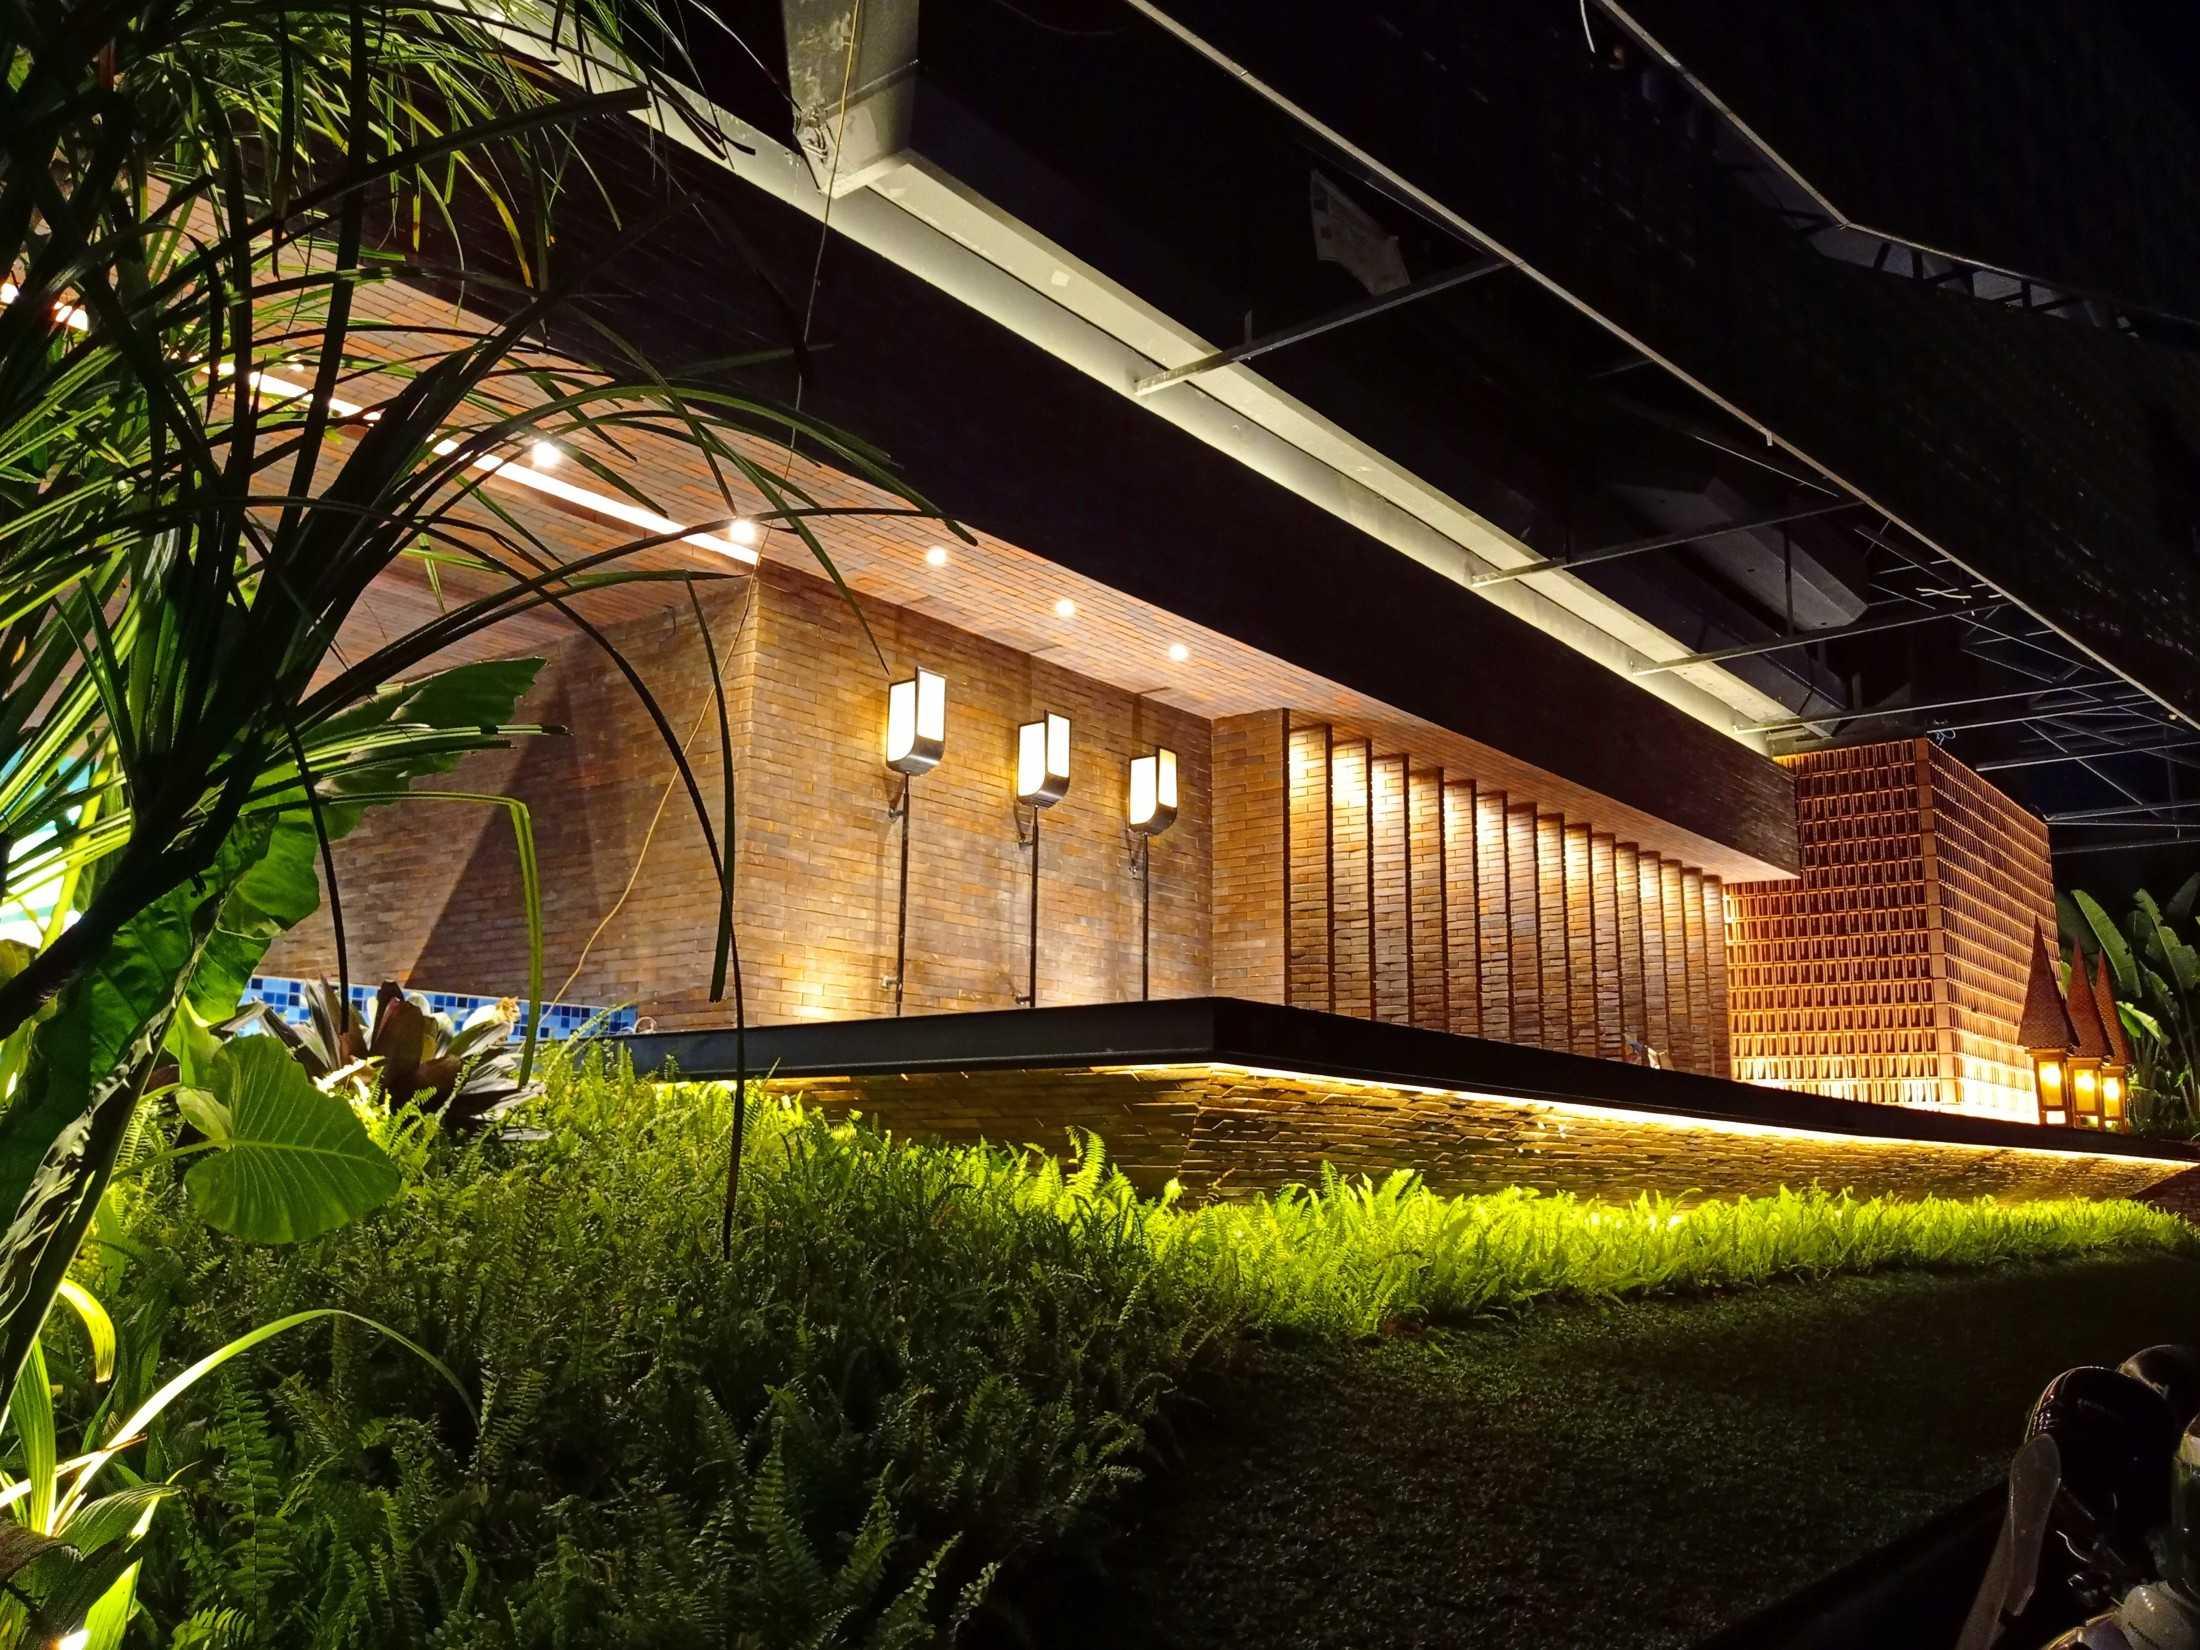 Greenxscape Raacha Suki & Bbq Bogor, Jawa Barat, Indonesia Bogor, Jawa Barat, Indonesia Greenxscape-Raacha-Suki-Bbq Tropical 109860